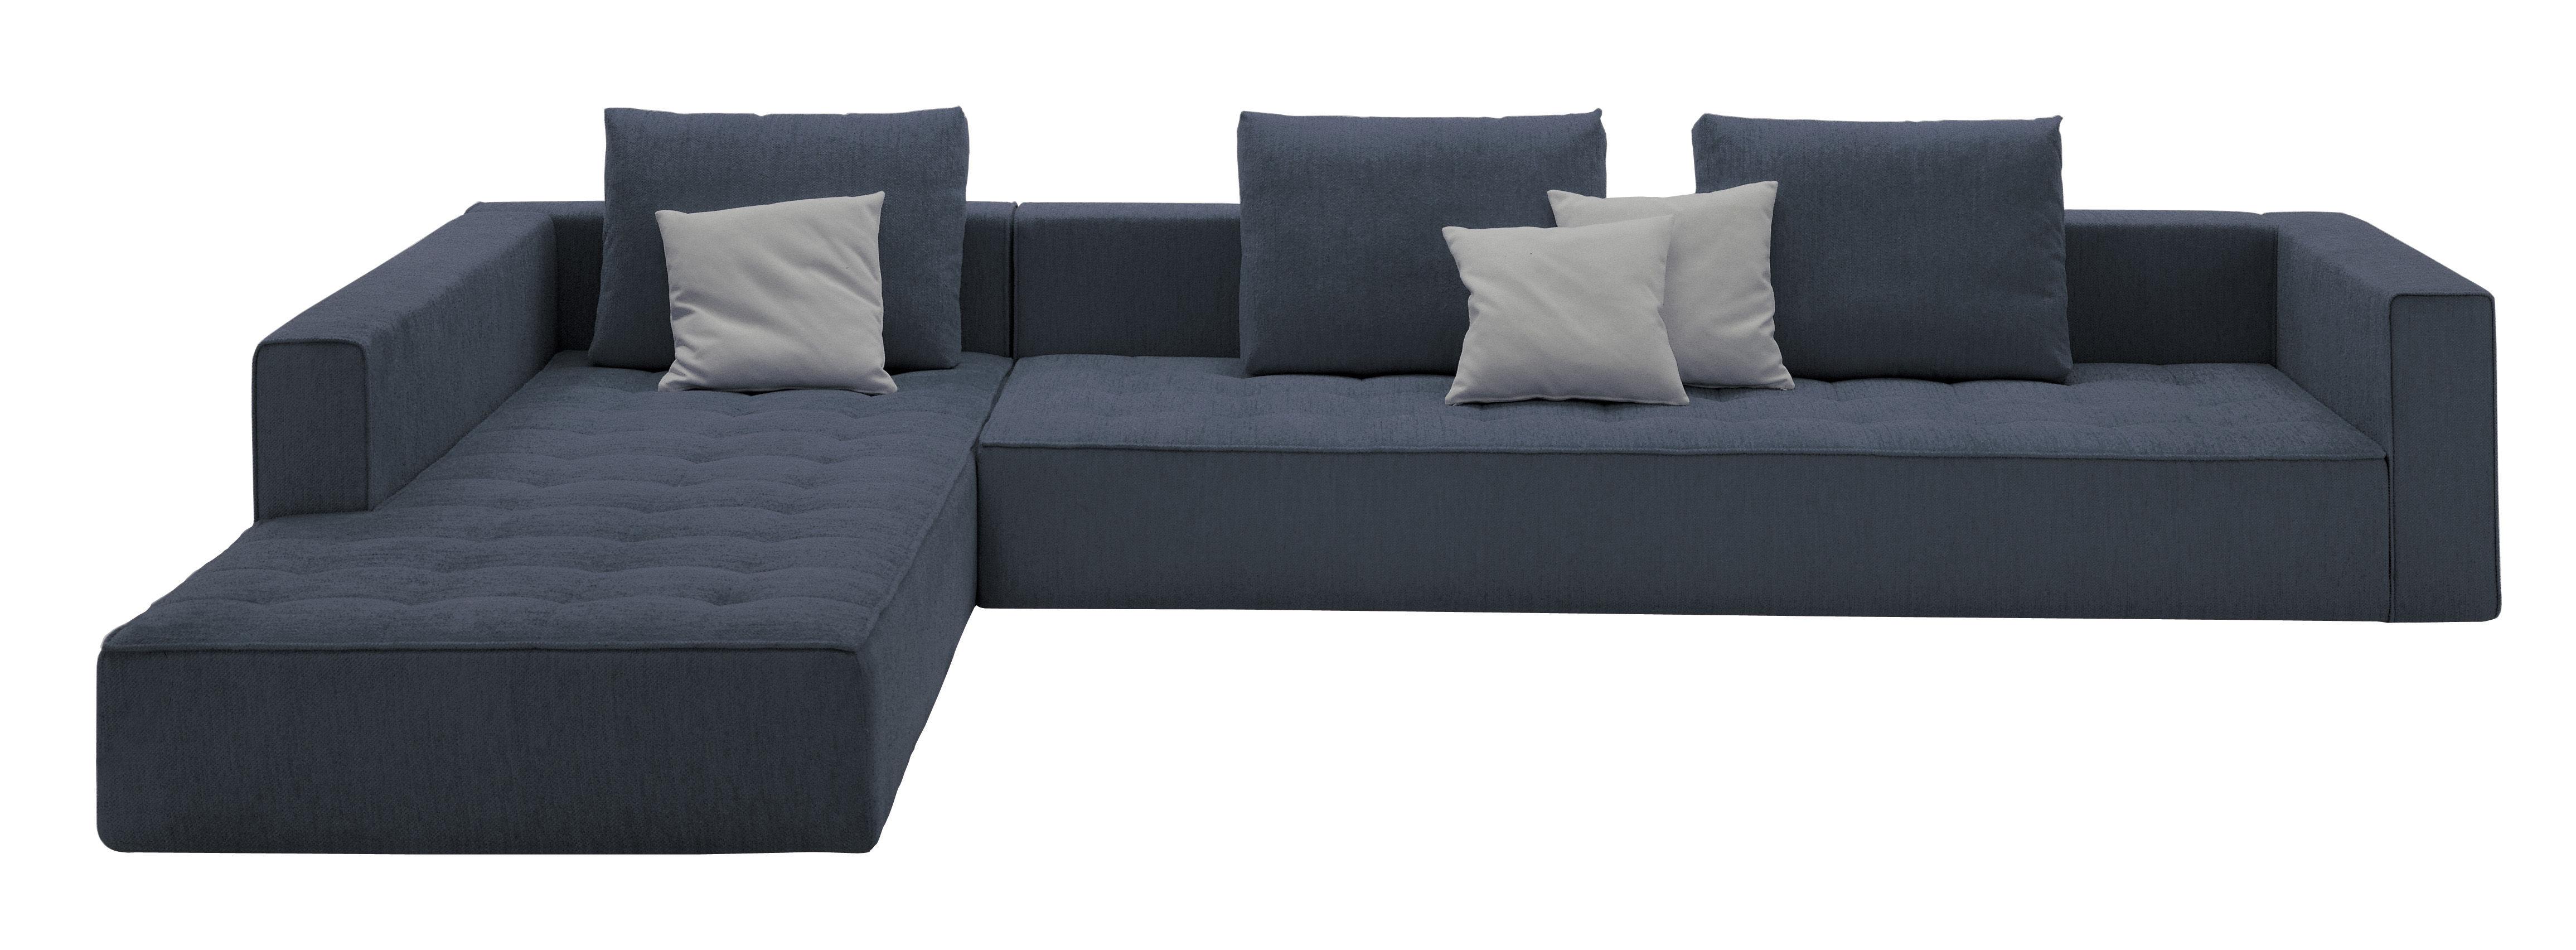 canap droit kilt 3 places l 278 cm tissu gris zanotta. Black Bedroom Furniture Sets. Home Design Ideas